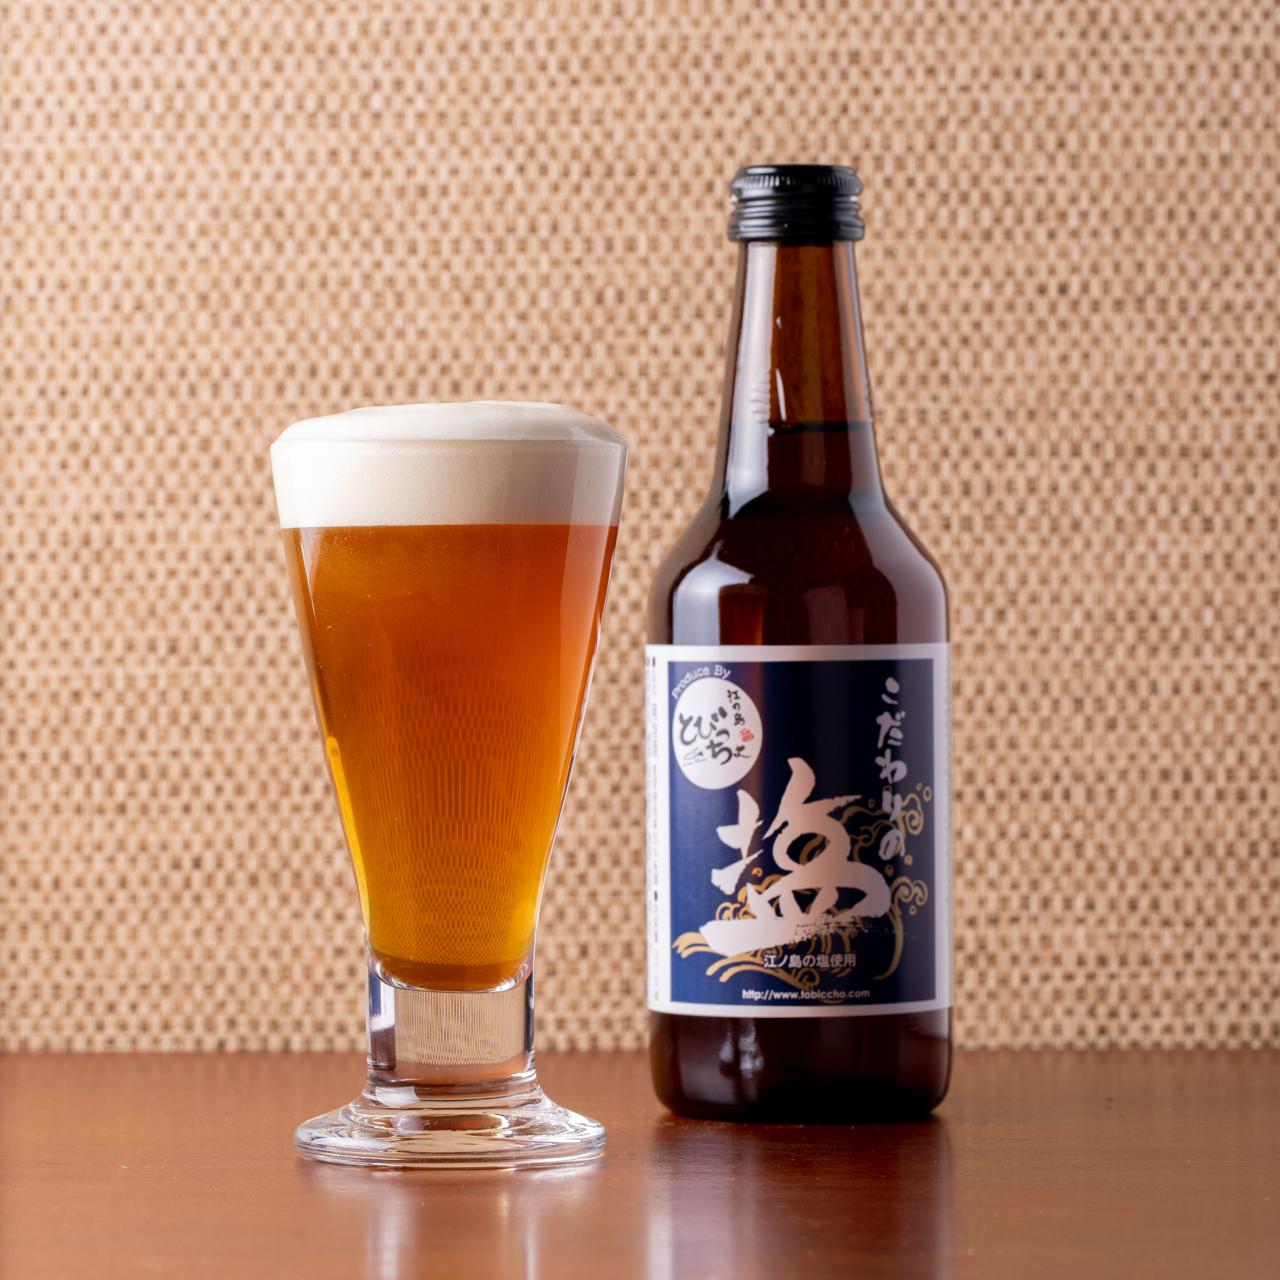 オリジナルビールセット(塩・しらす)